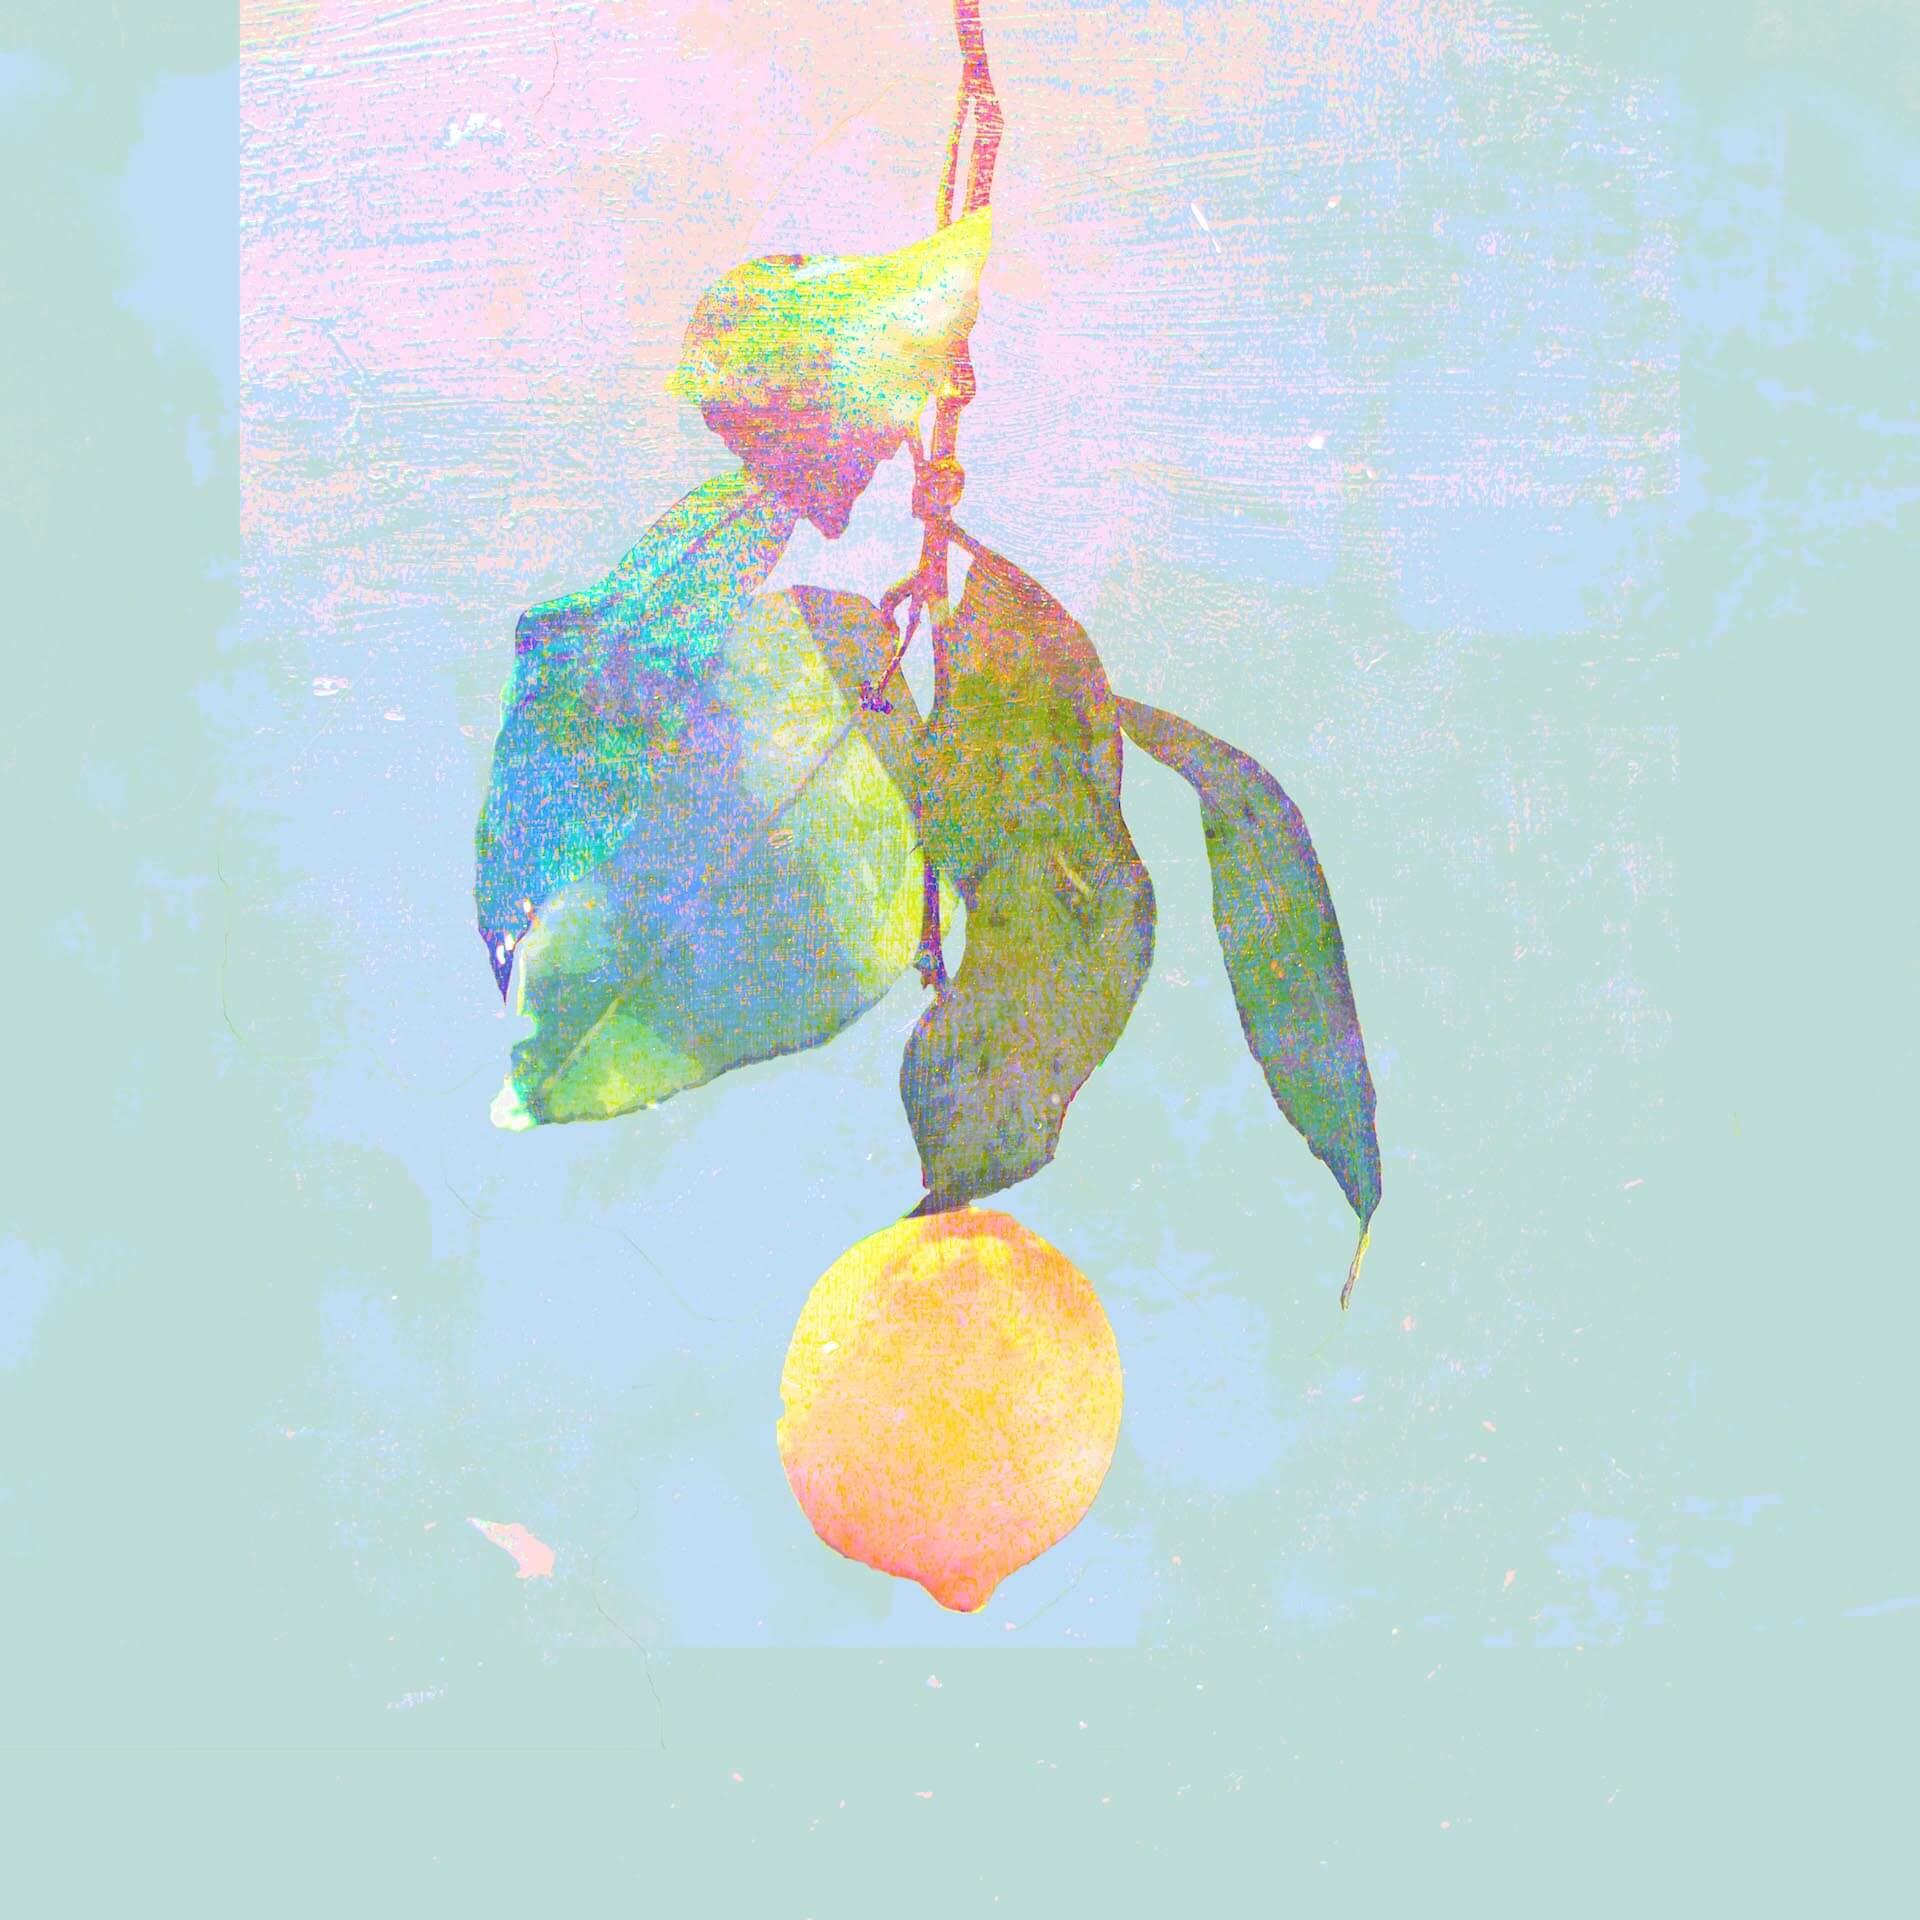 米津玄師「Lemon」日本人アーティスト史上最高再生数!ミュージックビデオがYouTubeで再生回数5億回突破 music191217_yonezukenshi_lemon_2